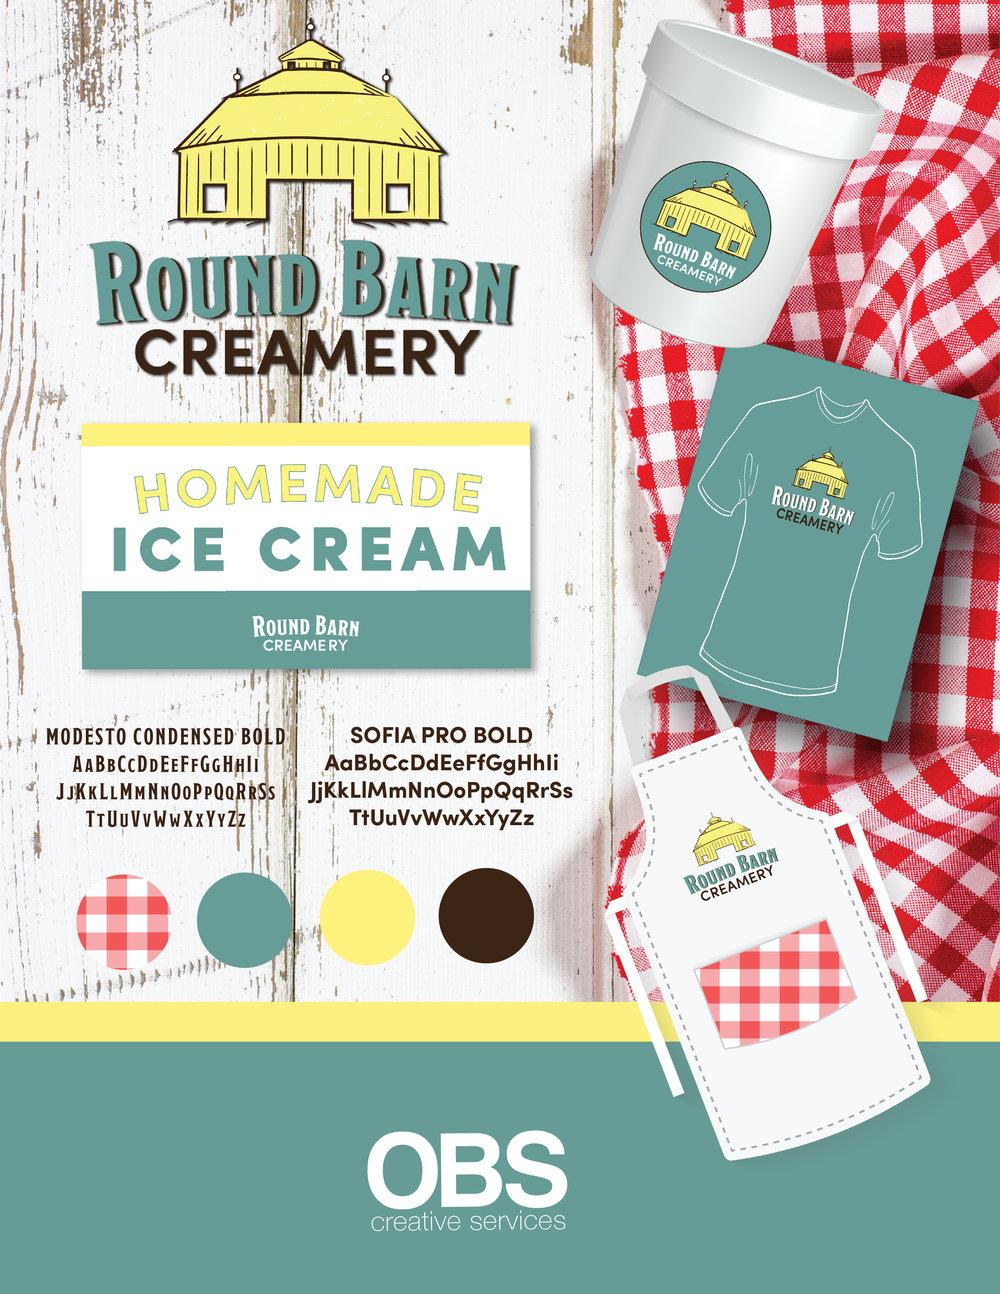 Round Barn Creamery.jpg